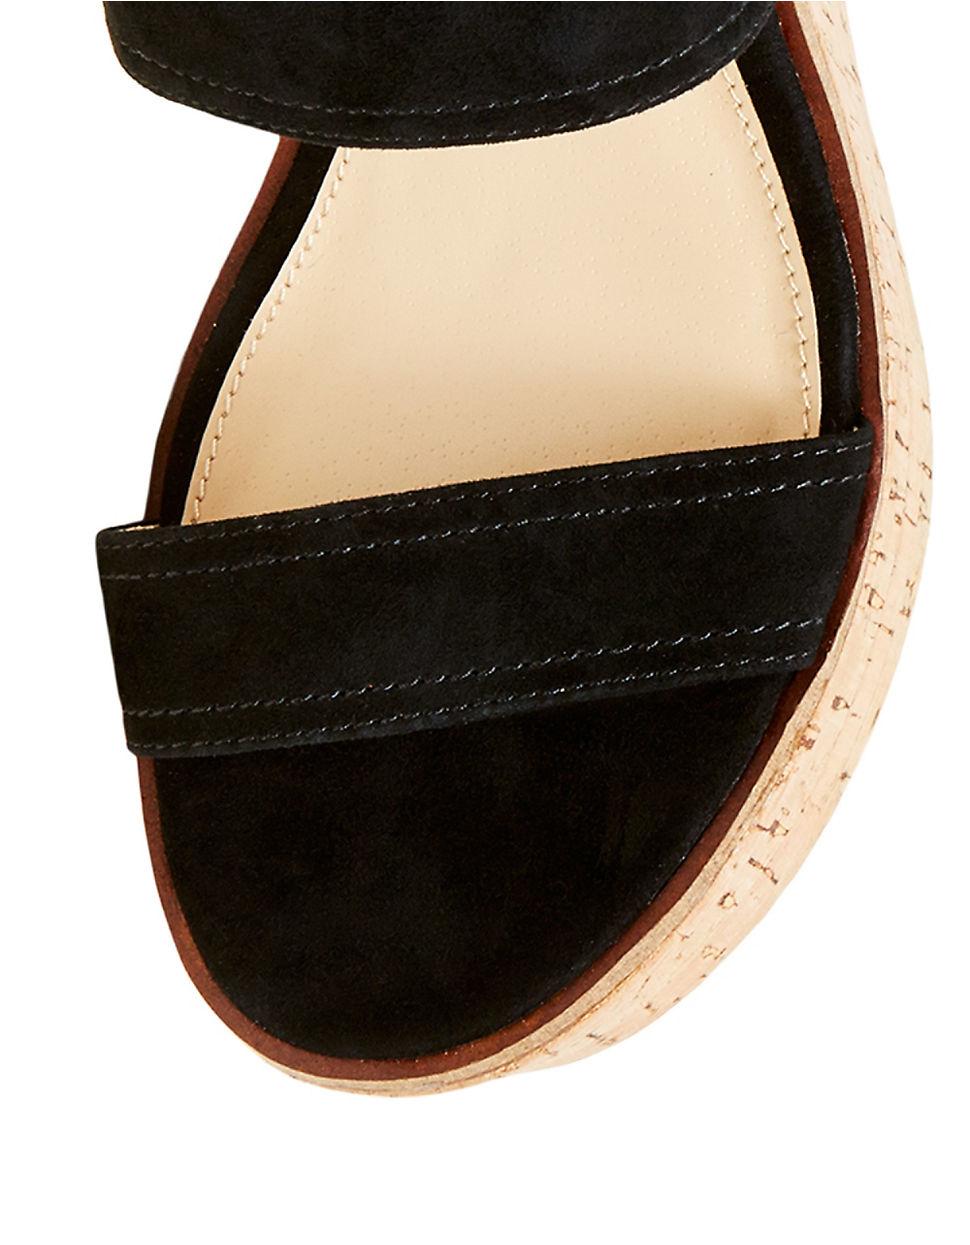 b2ff1c149d5 Steve Madden Black Catlyn Suede Platform Wedge Sandals